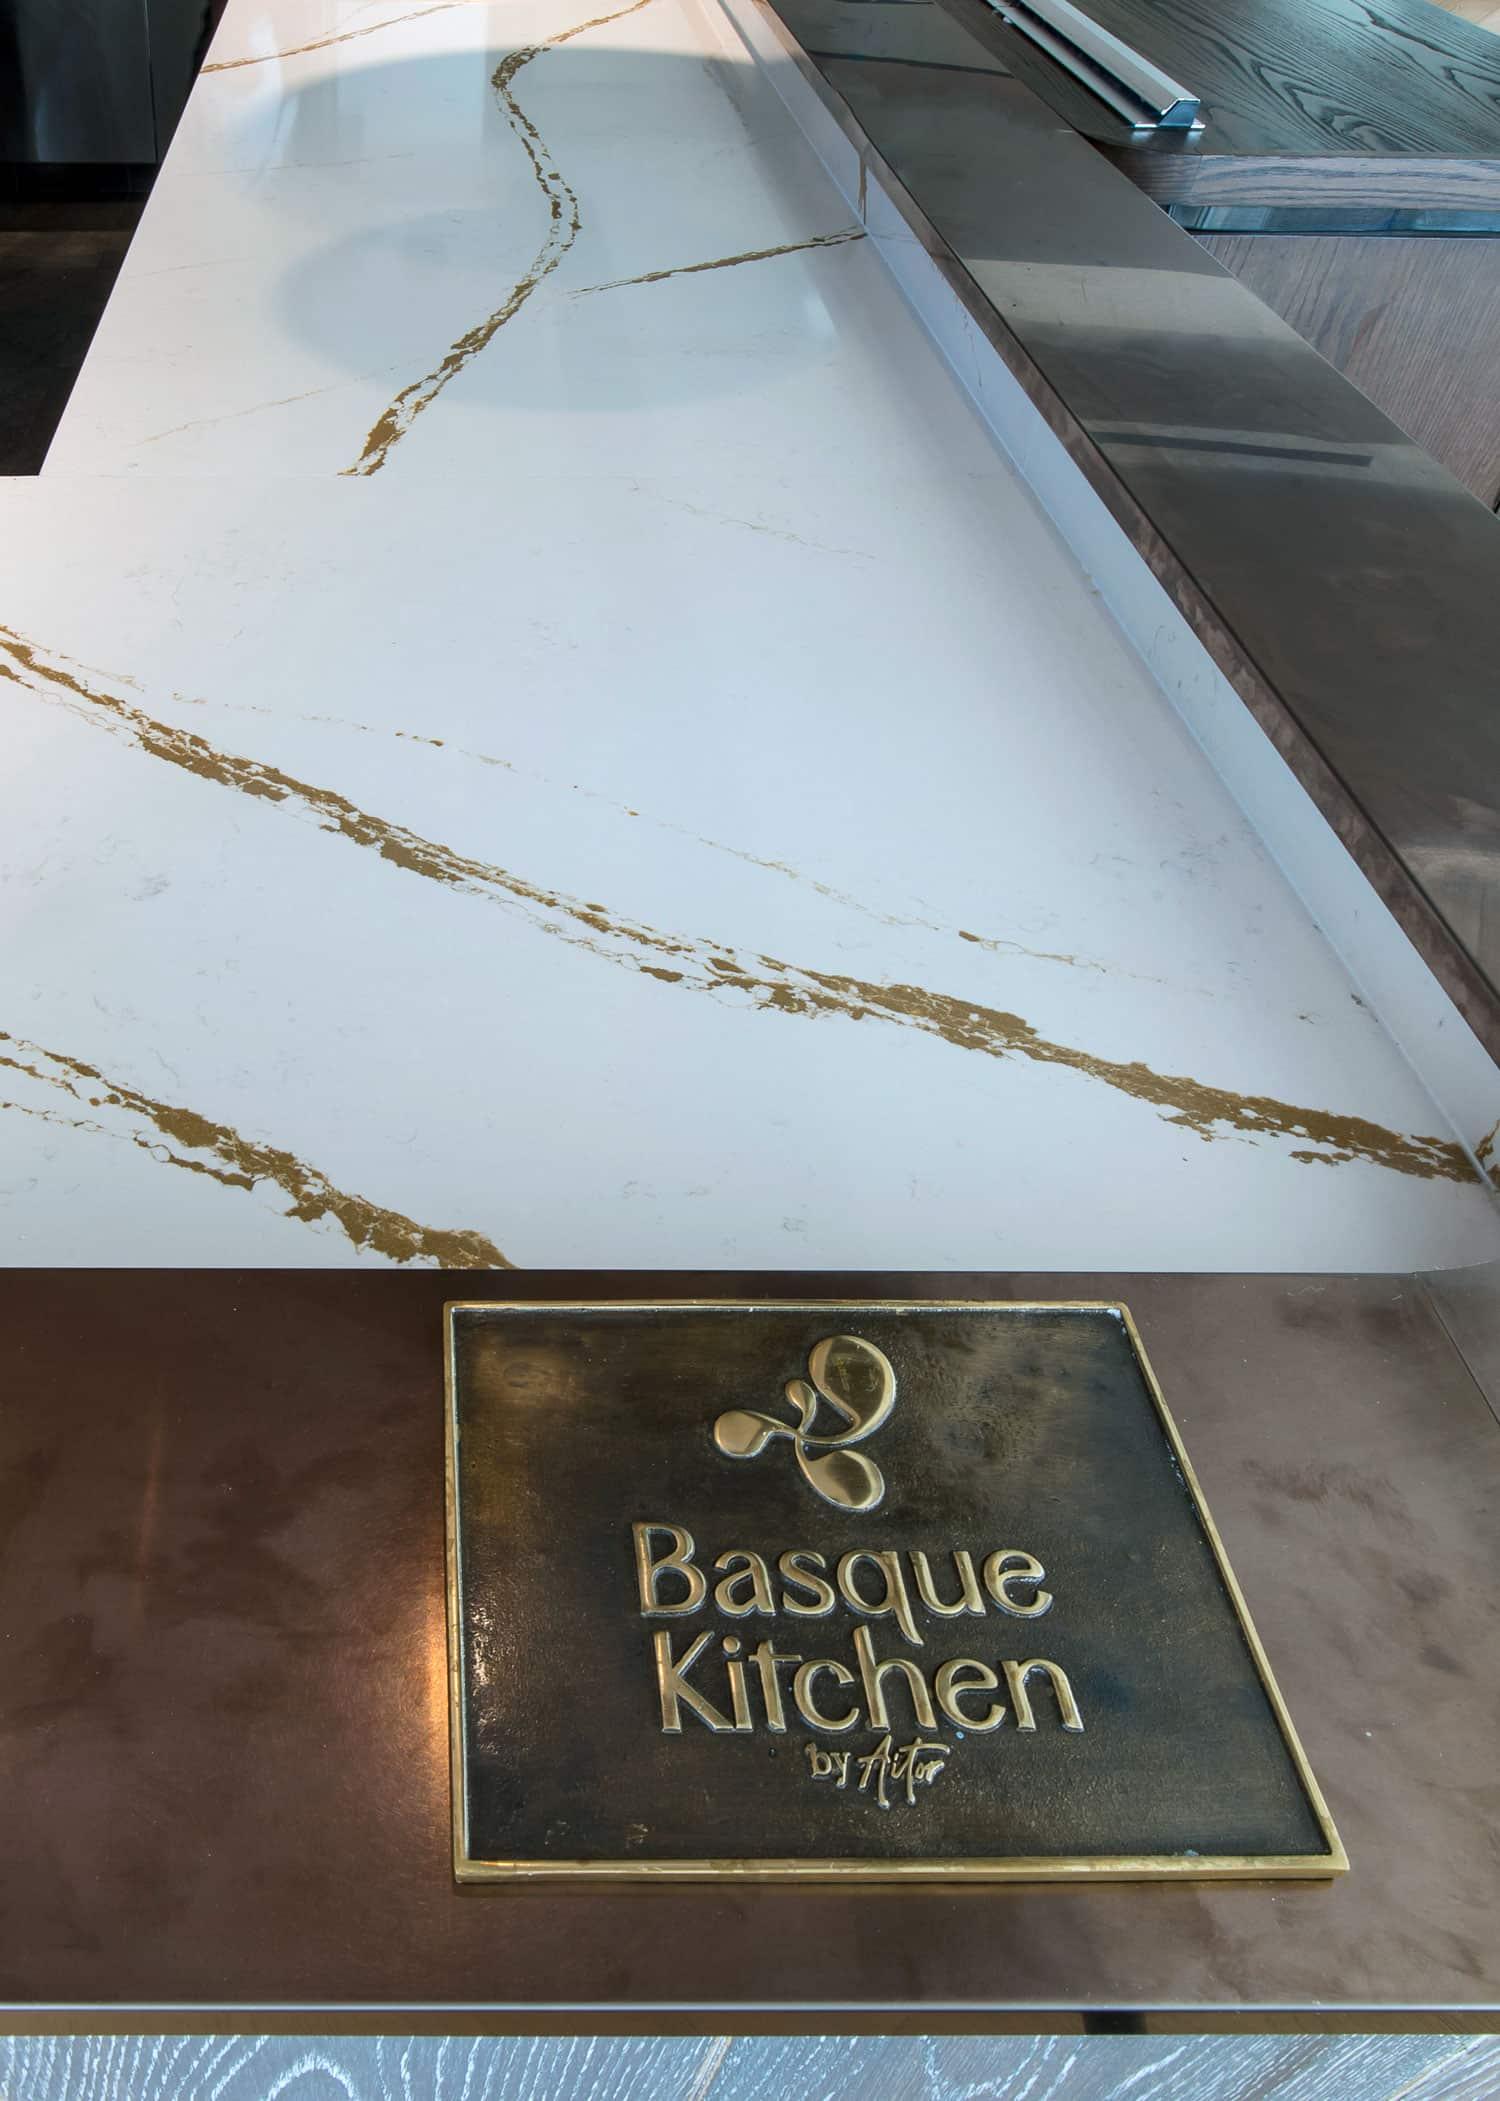 Basque Kitchen By Aitor  - Basque Kitchen 1 67